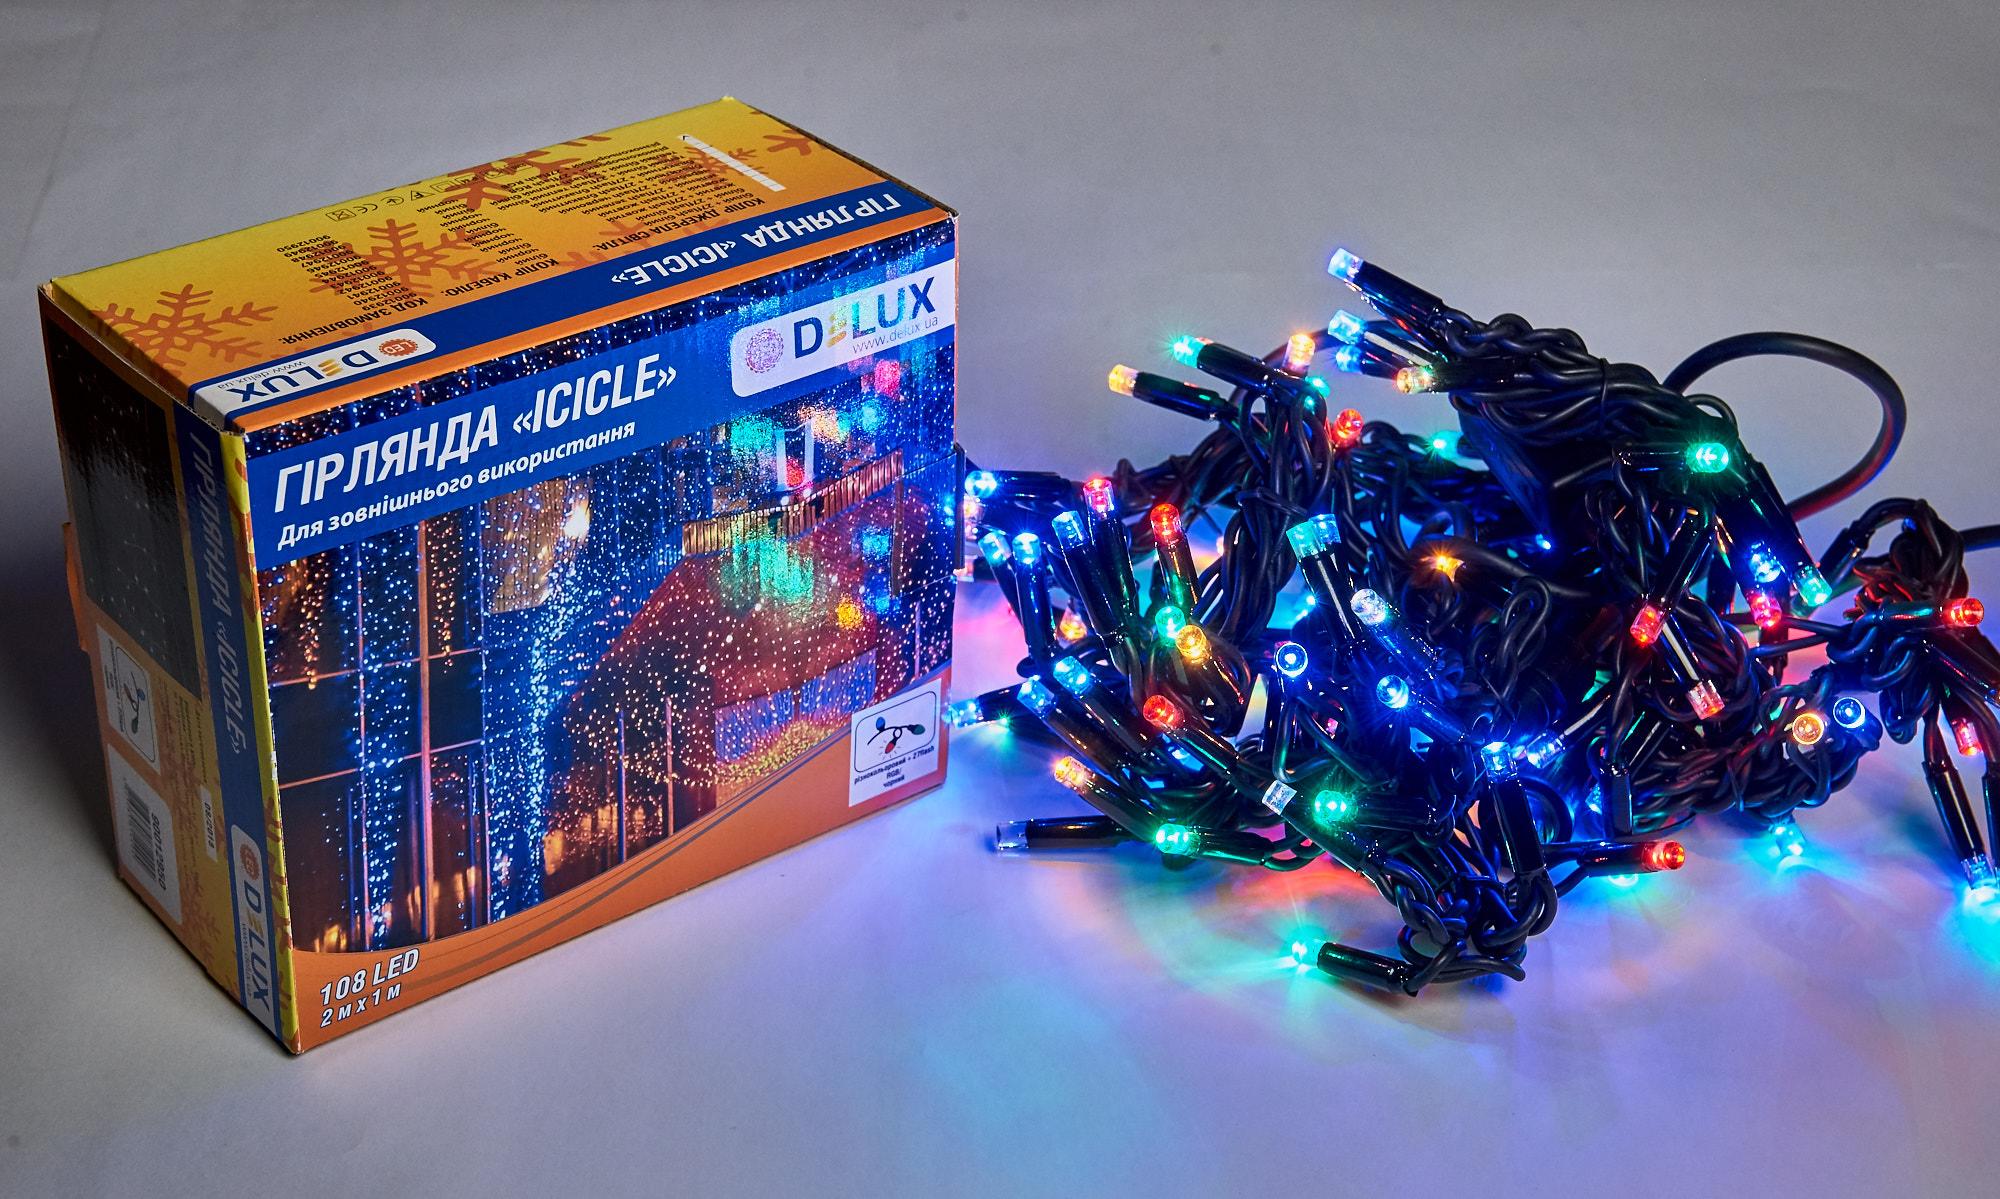 Гірлянда зовнішня DELUX ICICLE 108 LED бахрома 2x1m 27 flash мульти/чорний IP44 EN